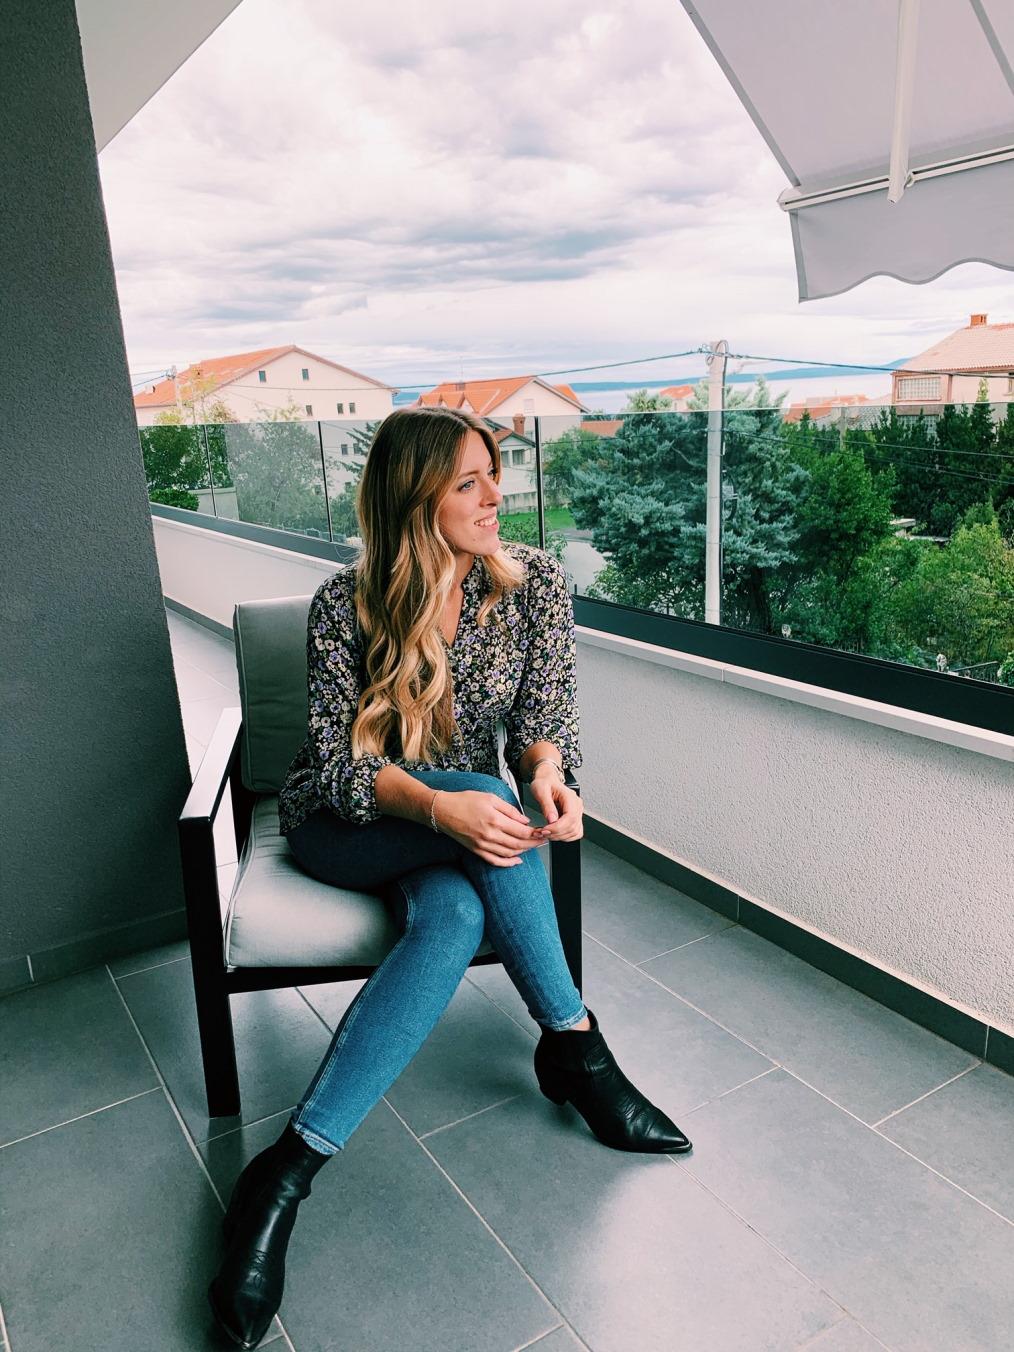 StajleRIca: Jelena Mateševac